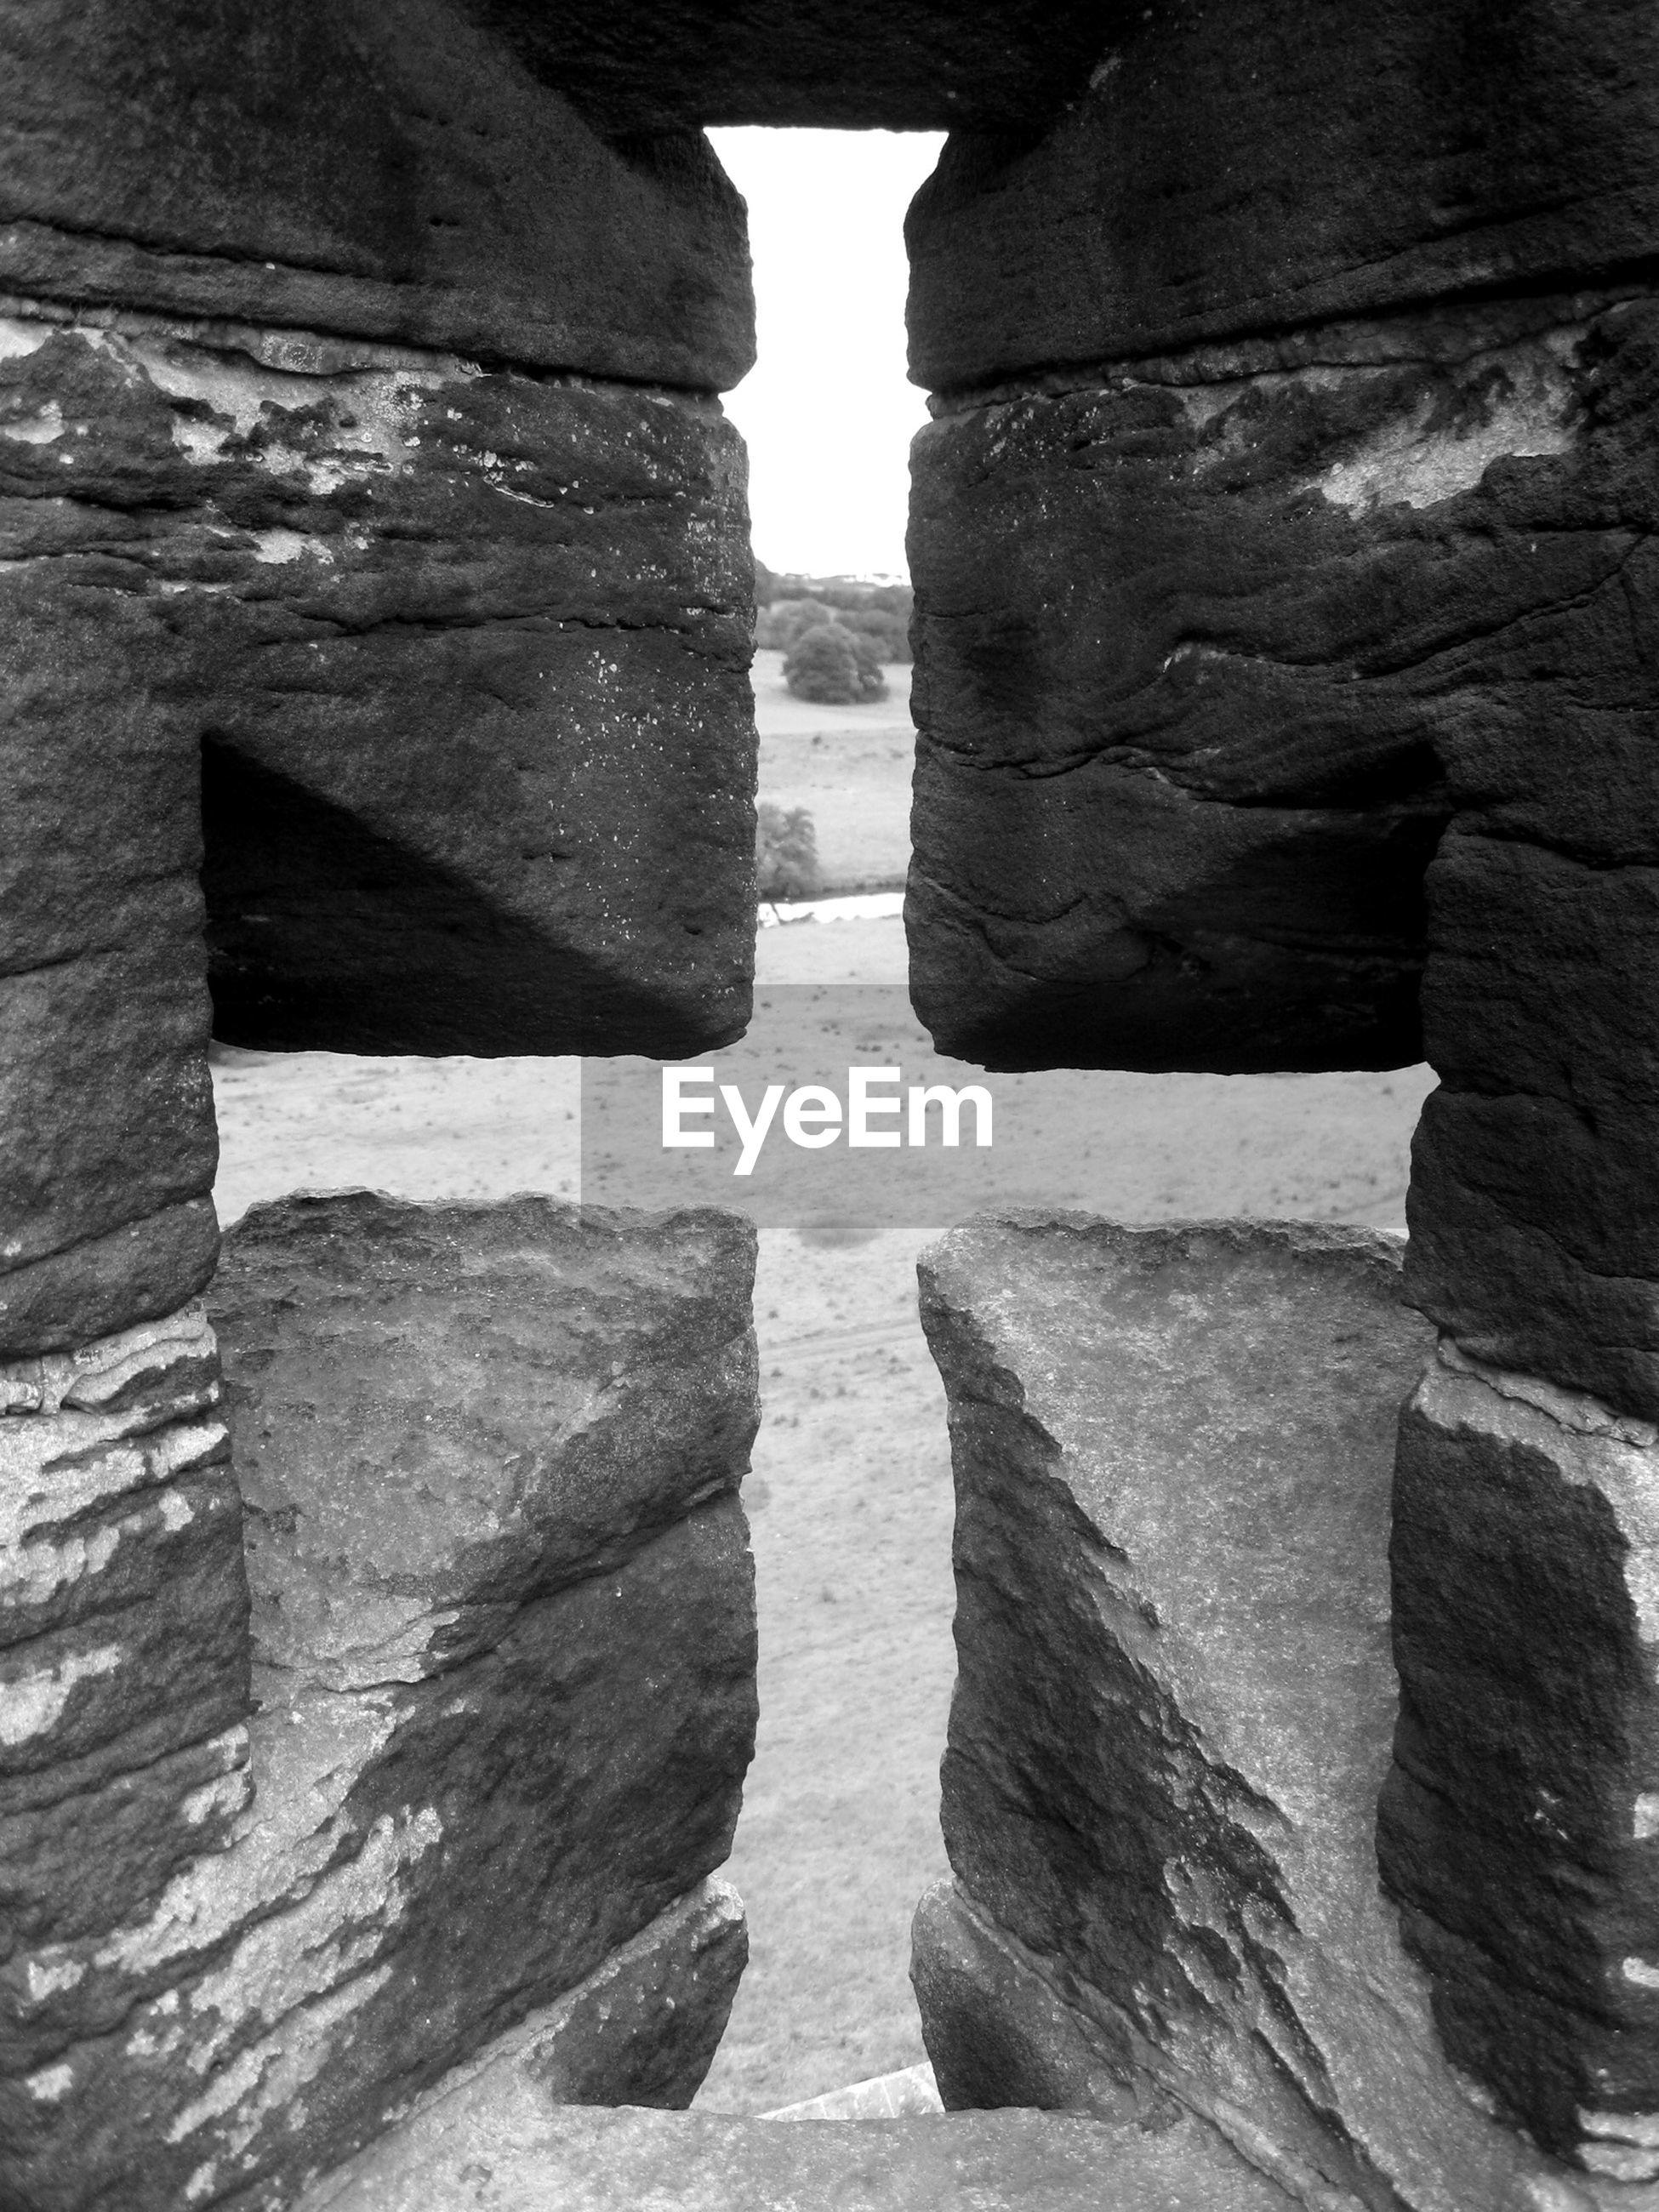 Landscape seen through cross shape passage in rocks of alnwick castle